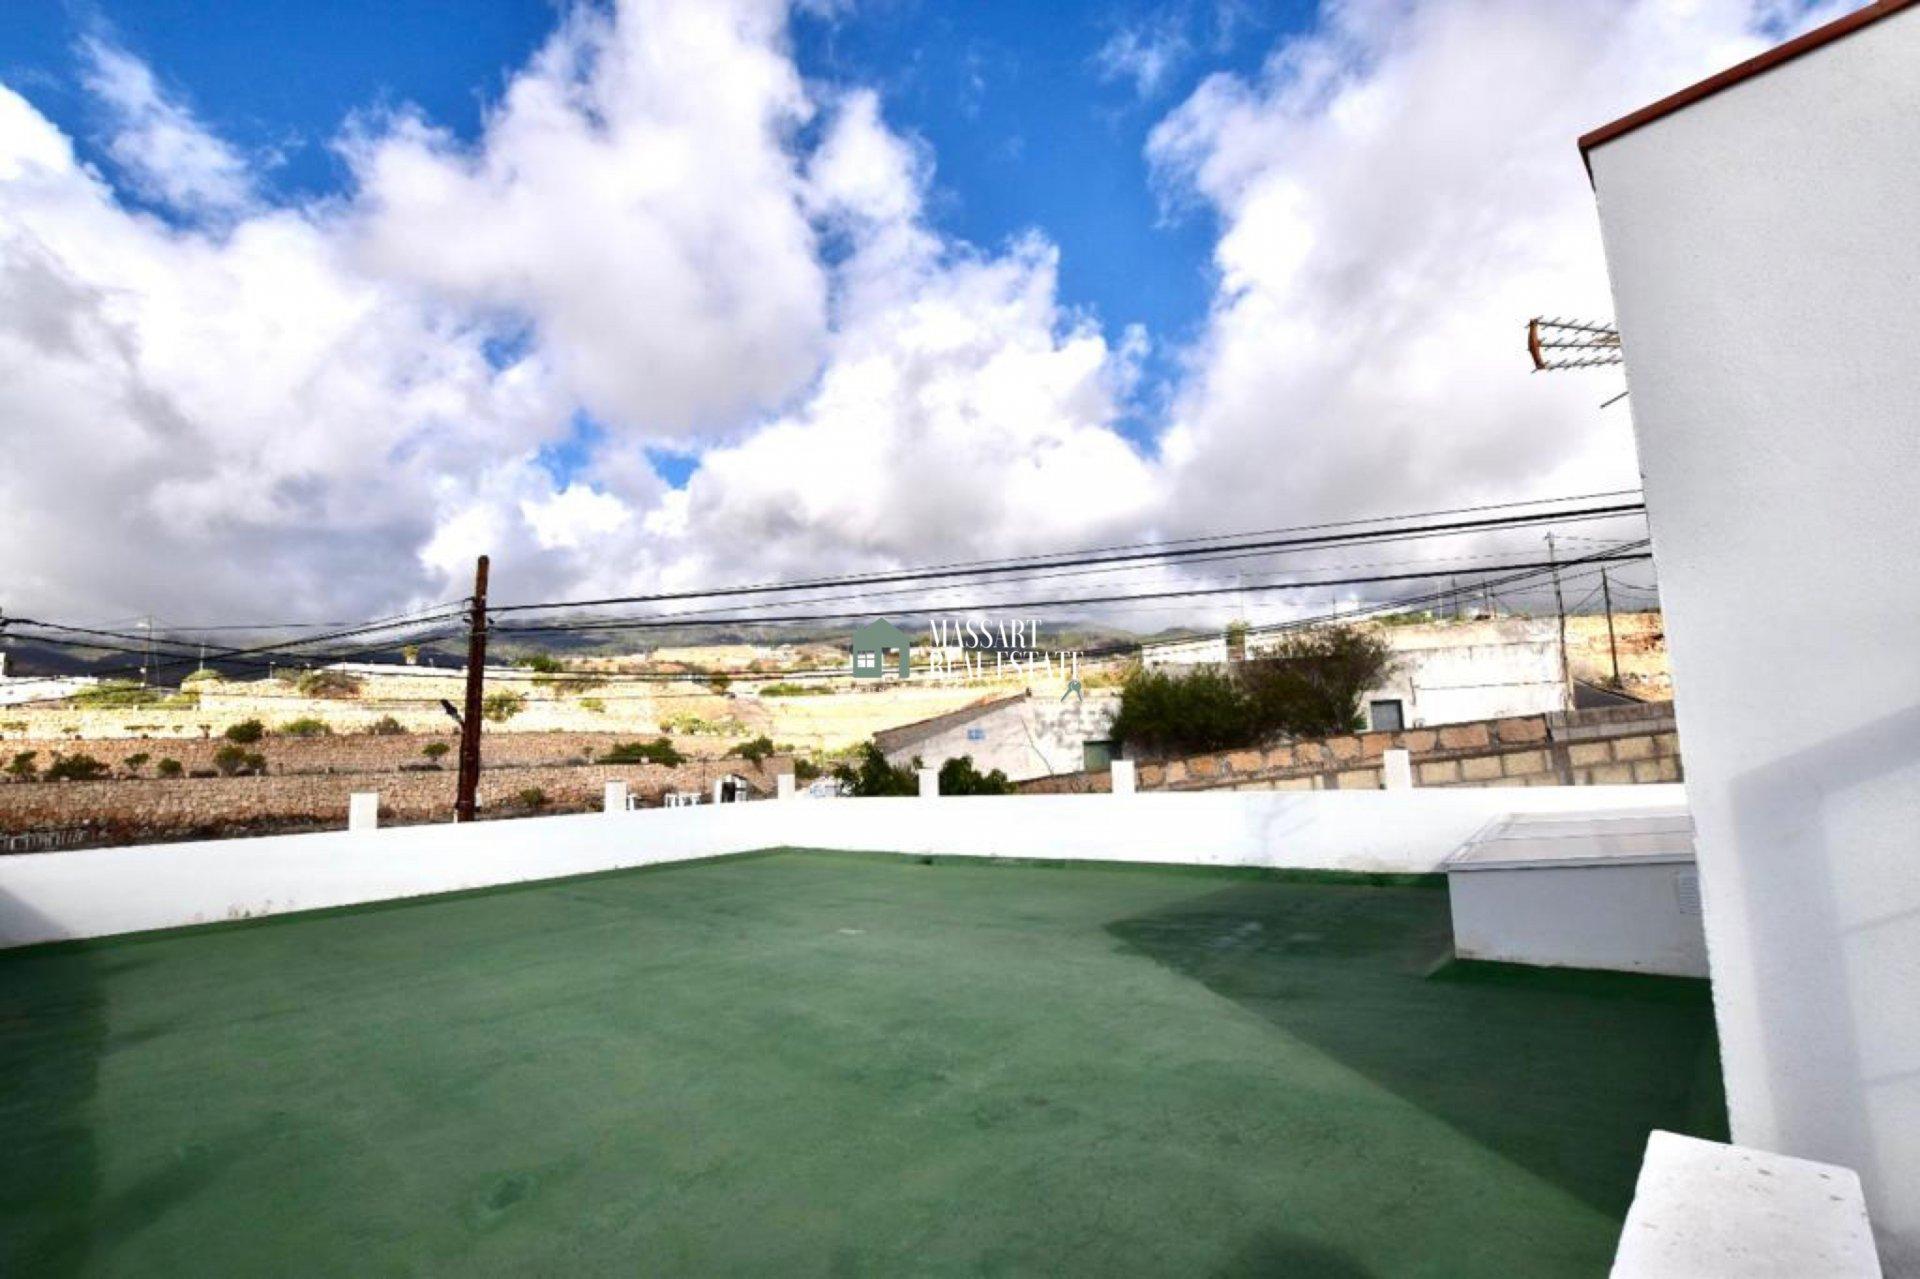 Voor een redelijke prijs kunt u drie woningen hebben op een perceel van 700 m2 in een rustige omgeving in Granadilla de Abona.